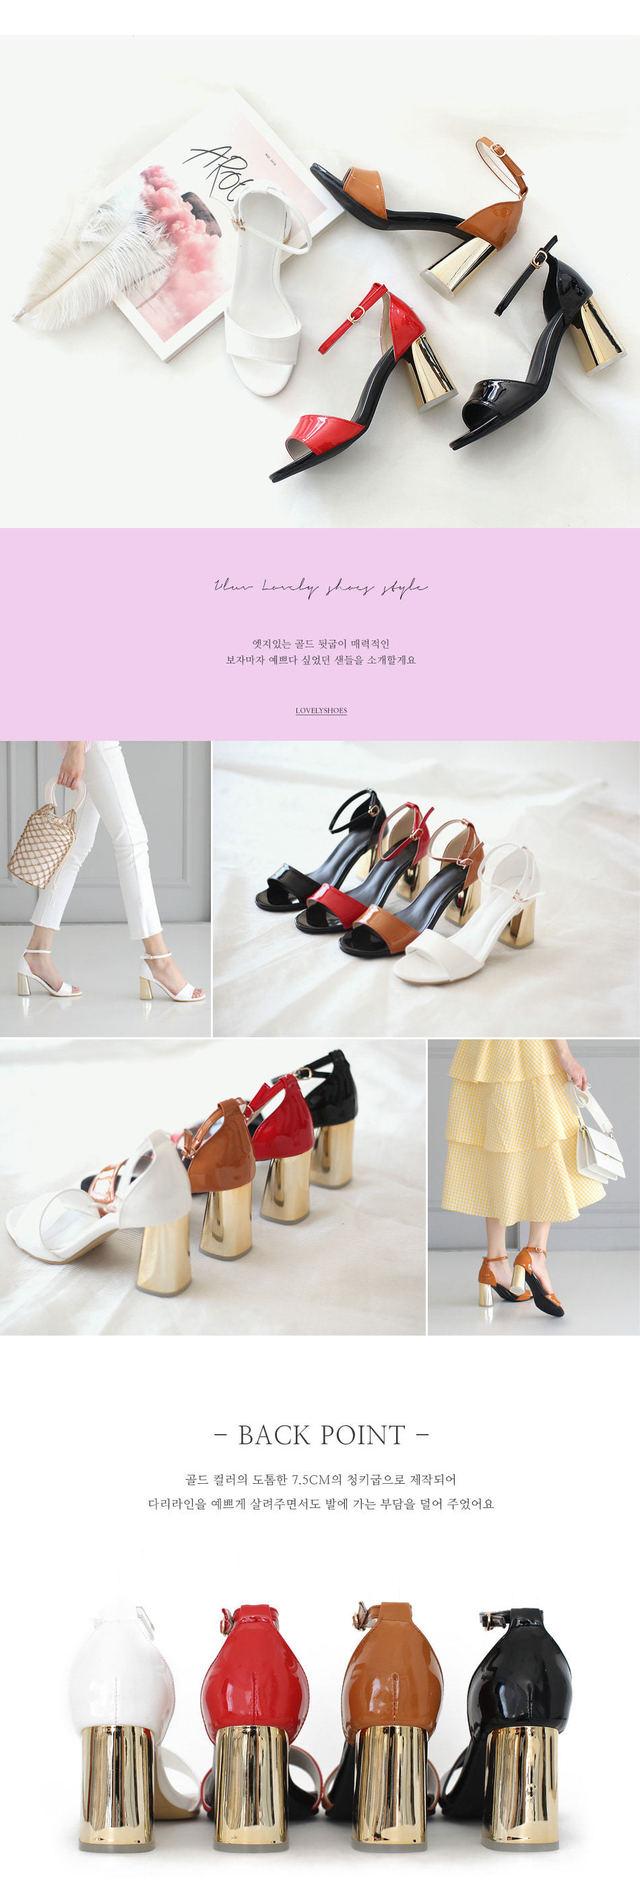 Seven strap sandals 7.5cm